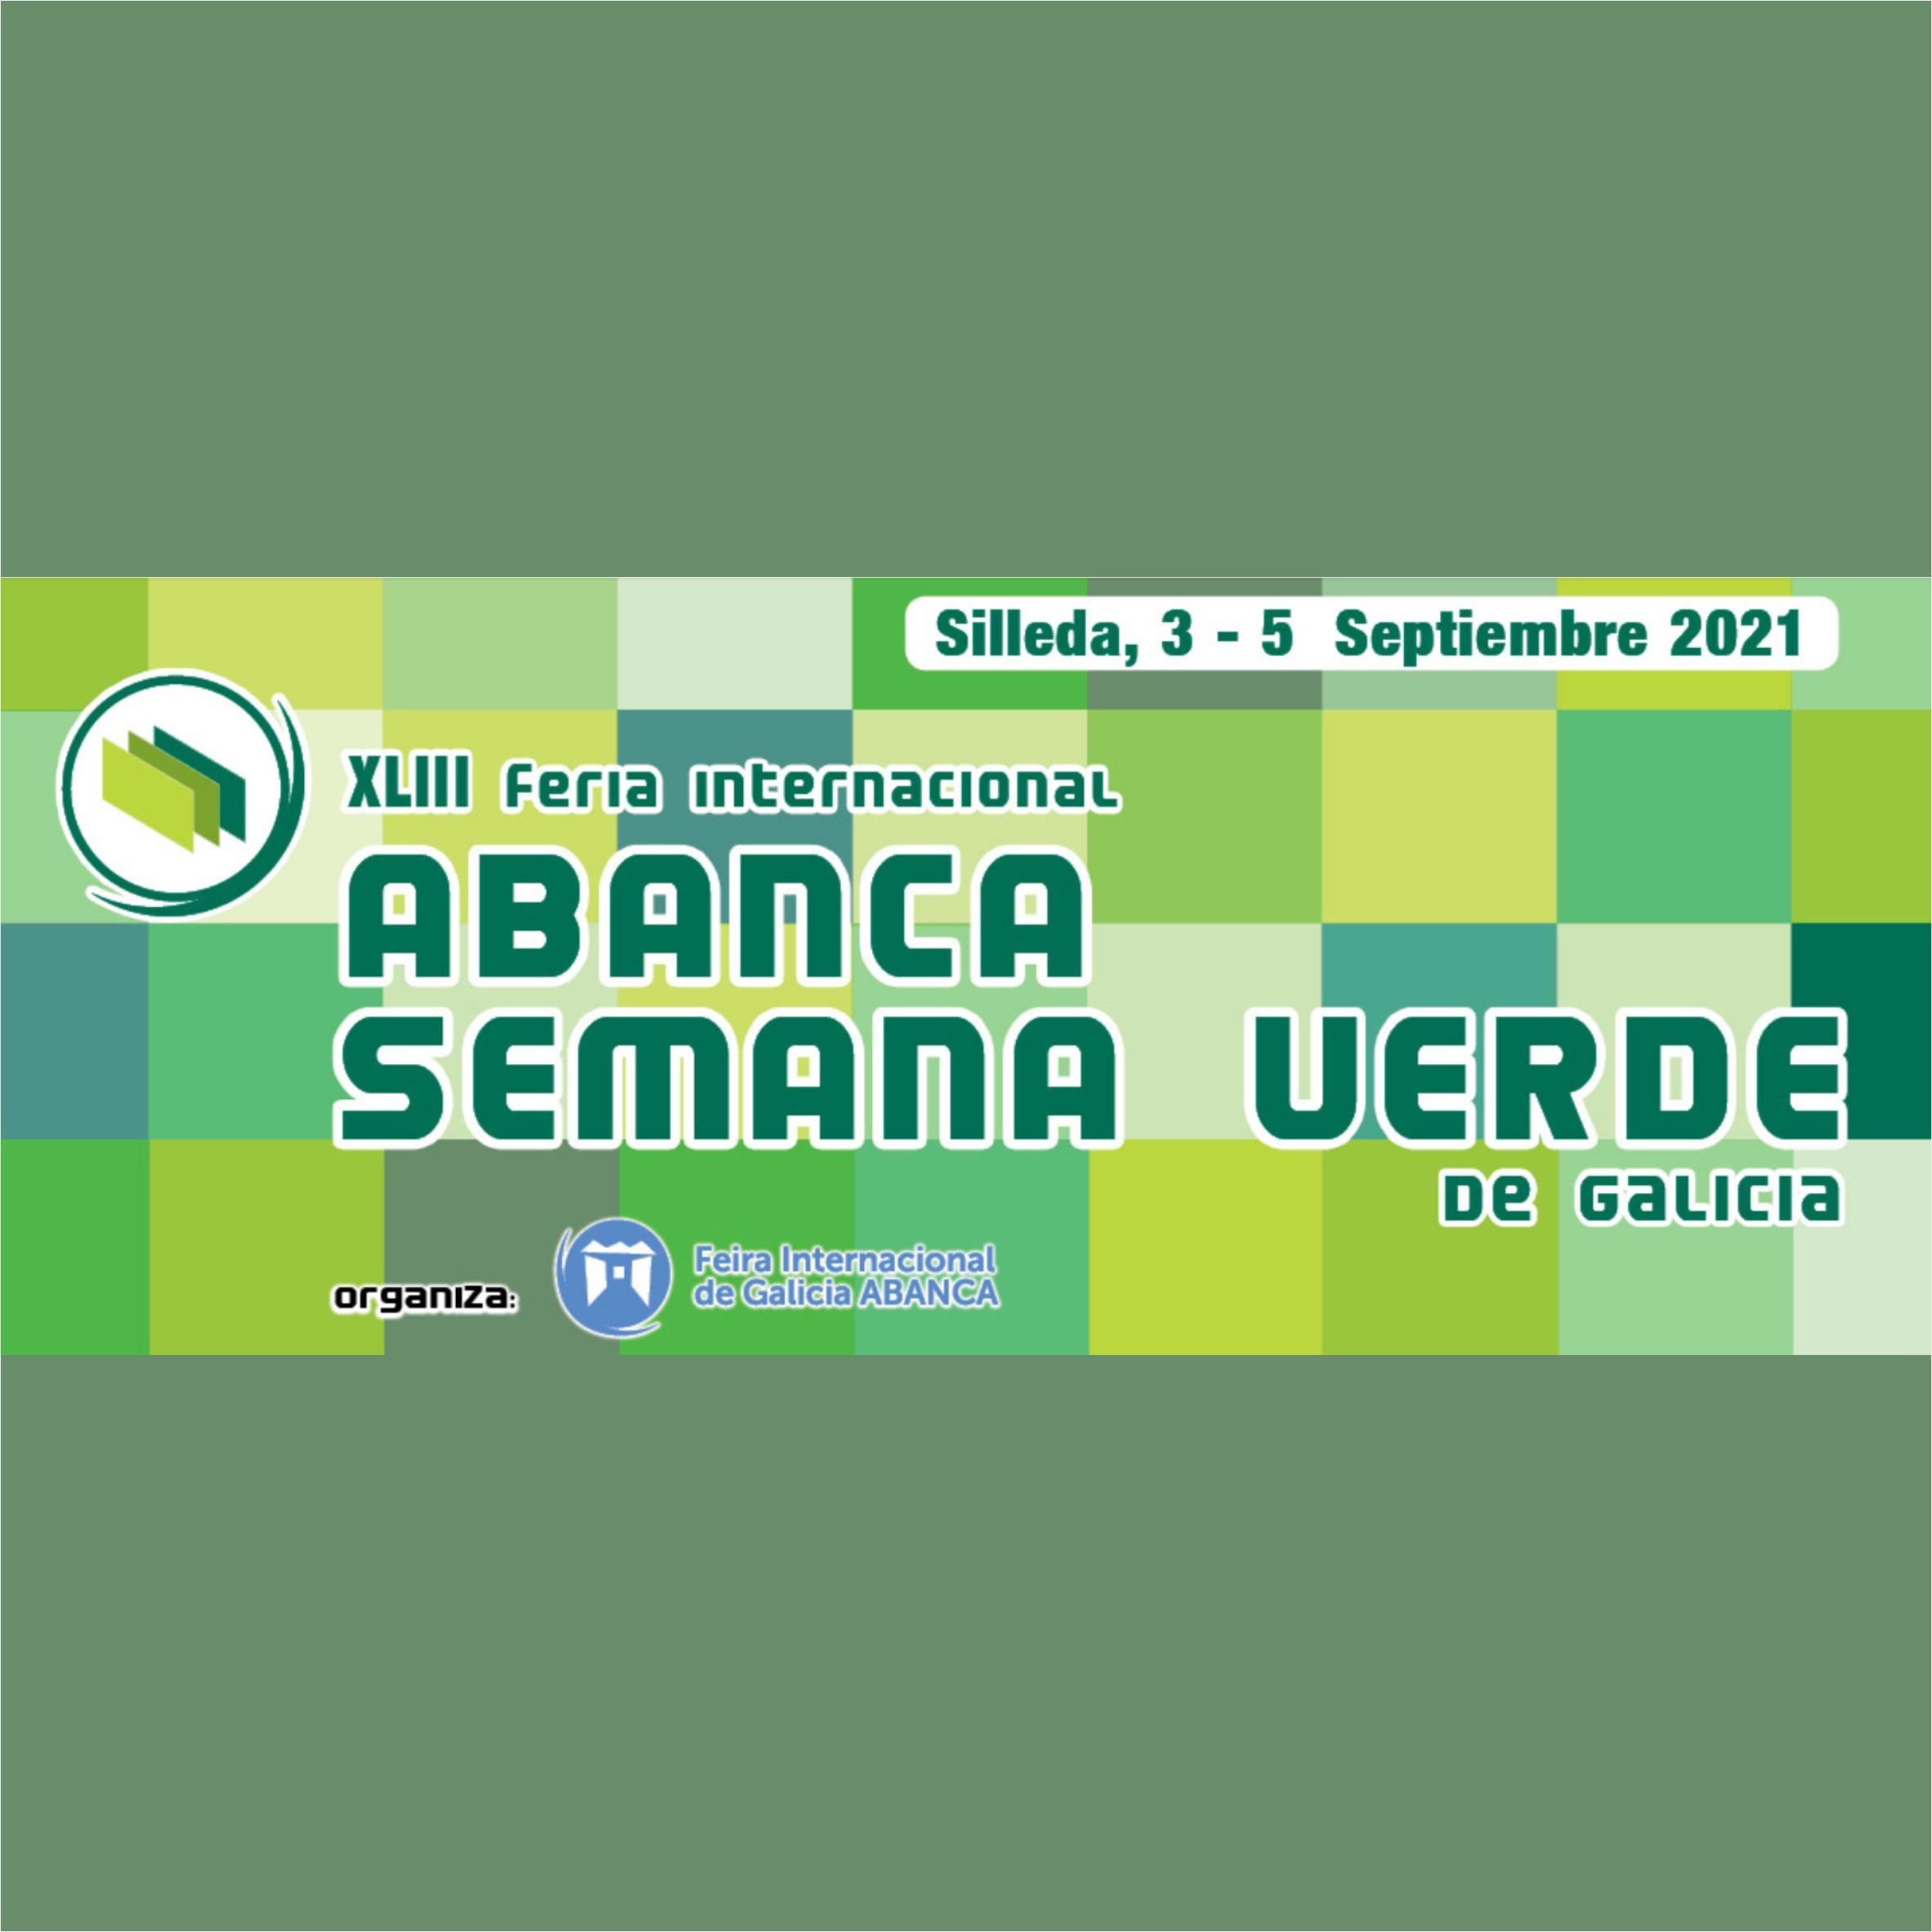 La Semana Verde de Galicia cuenta con la participación de bodegas de la IXP Ribeiras do Morrazo